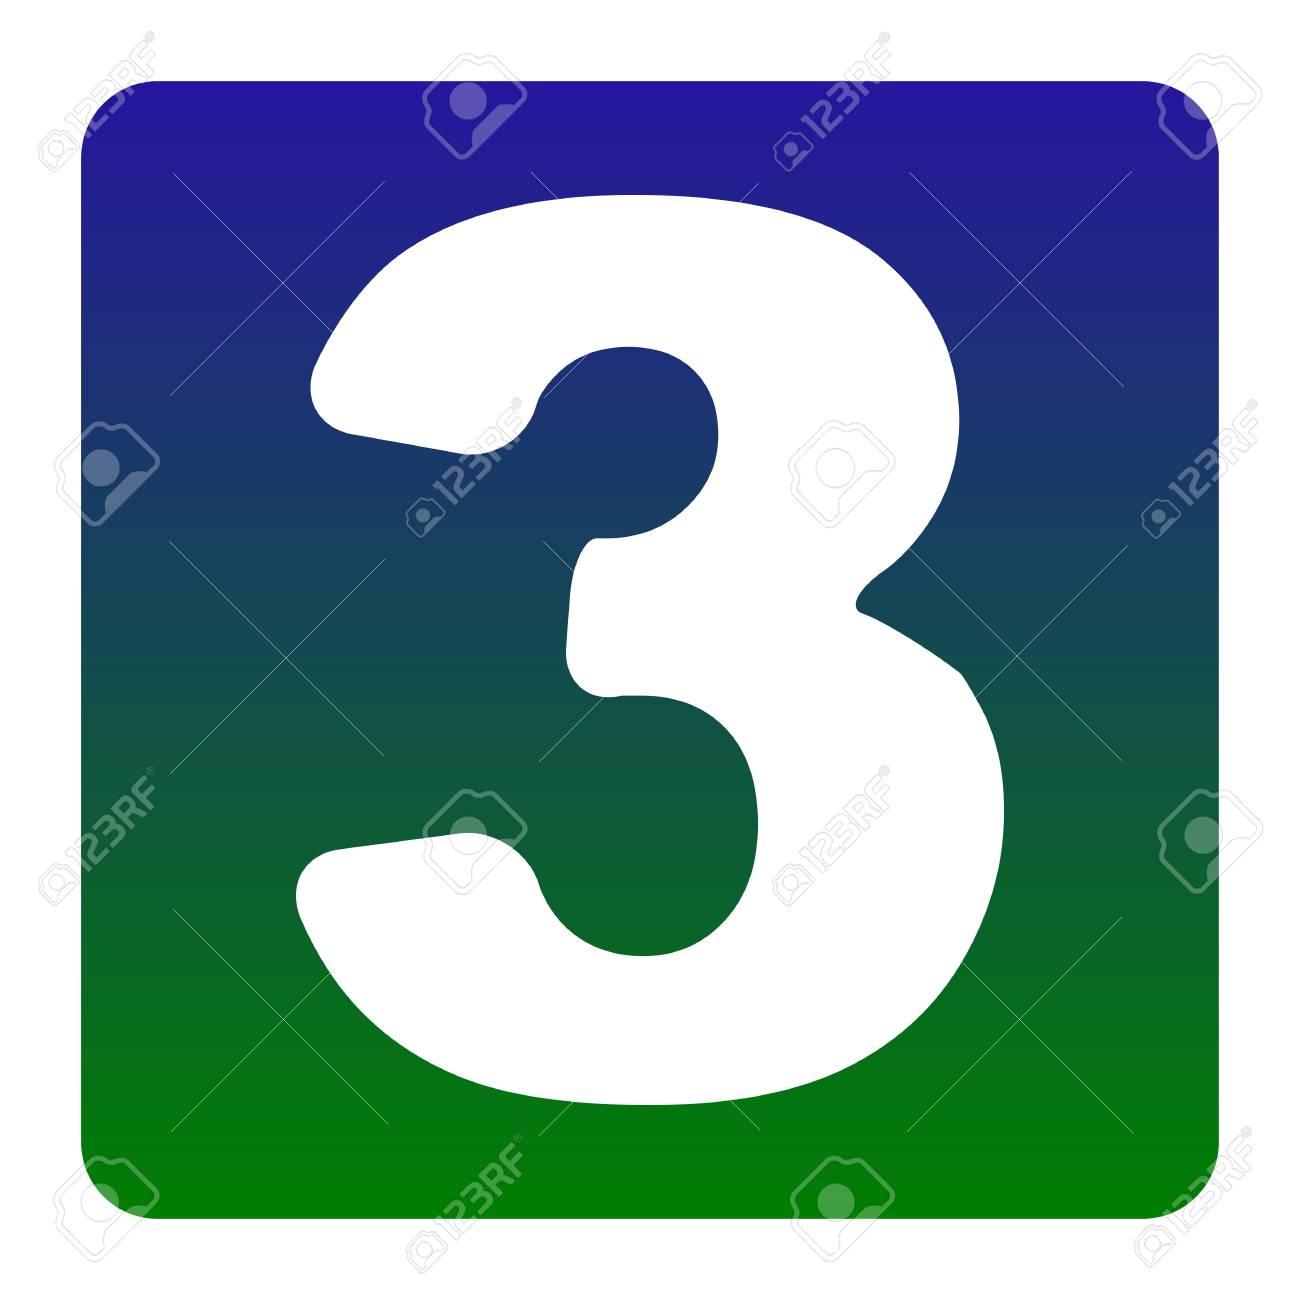 Elemento De Plantilla De Diseño De Signo De Número 3. Vector ...